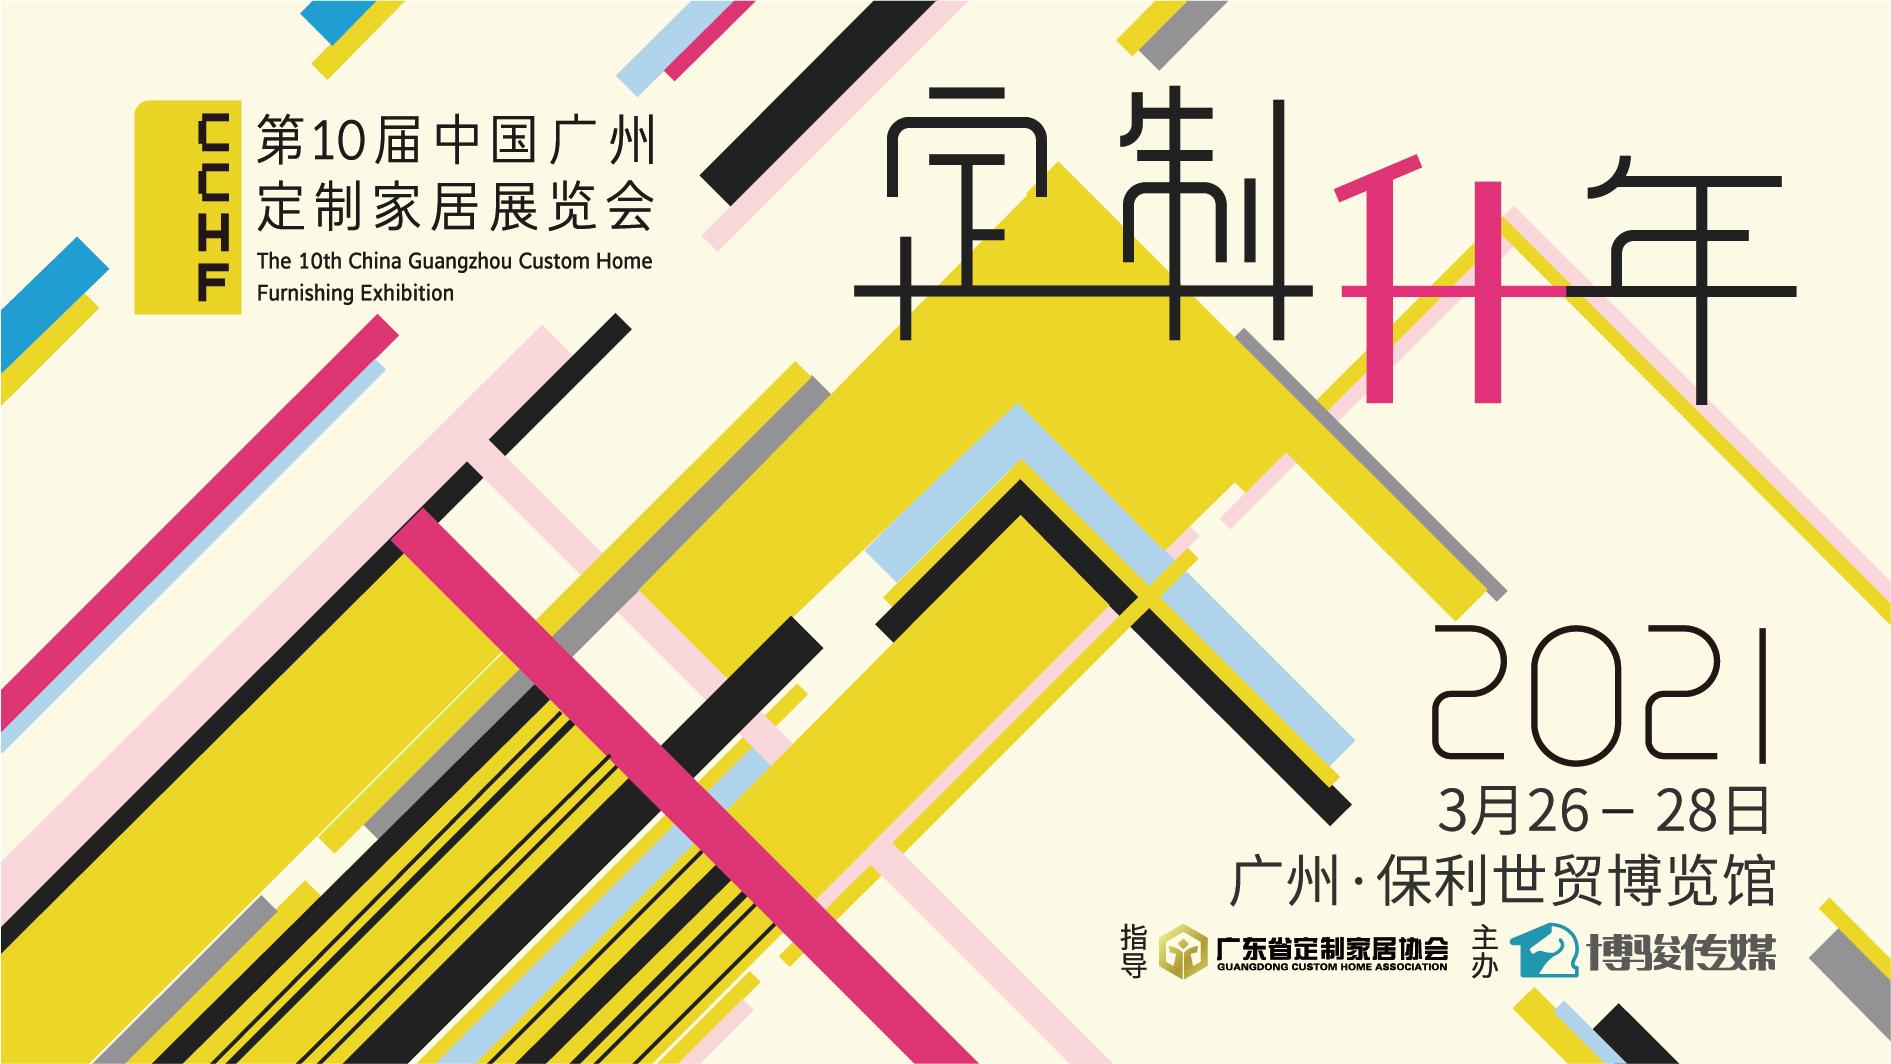 【展讯】2021中国广州定制家居展,你绝不能错过的8大理